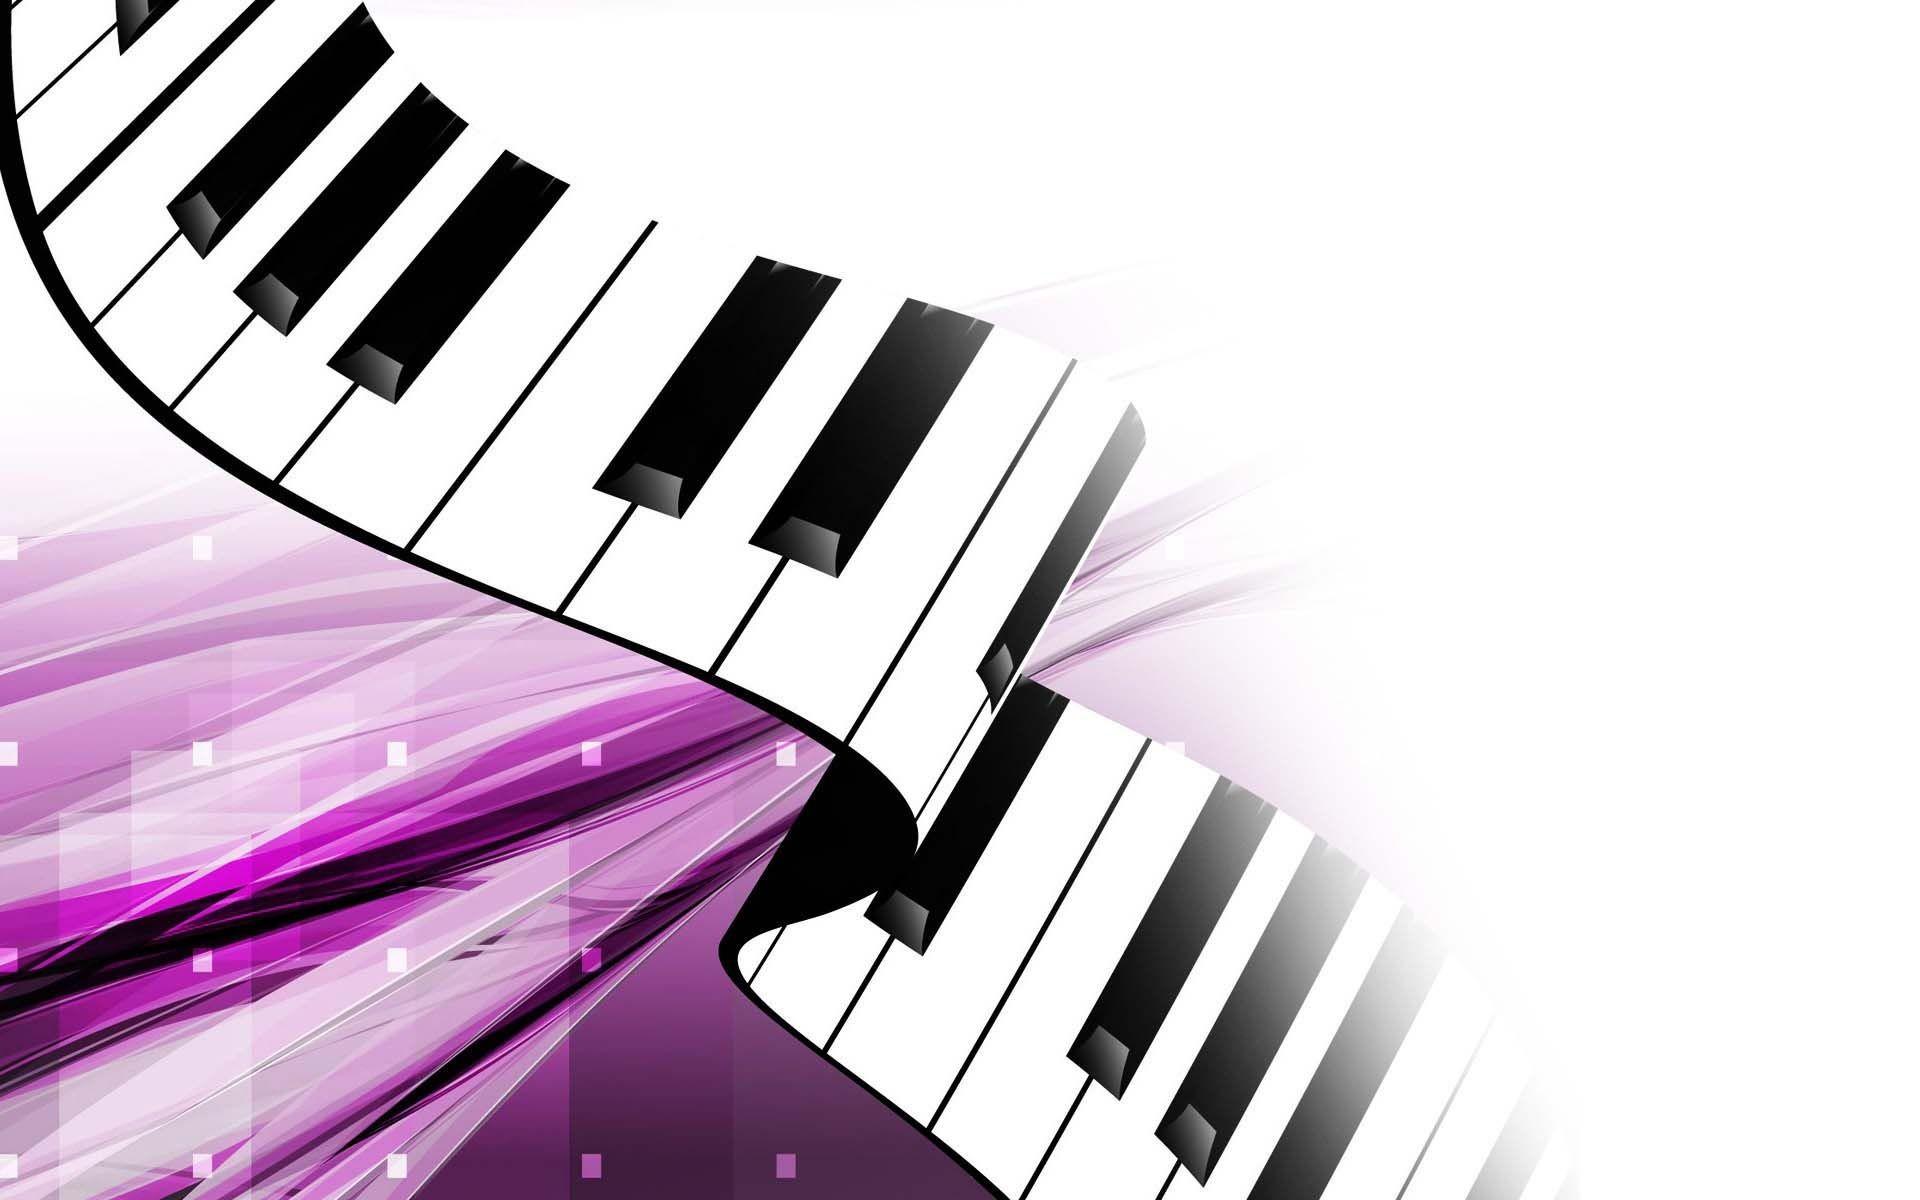 Раскраска папе, картинка с клавишами фортепиано